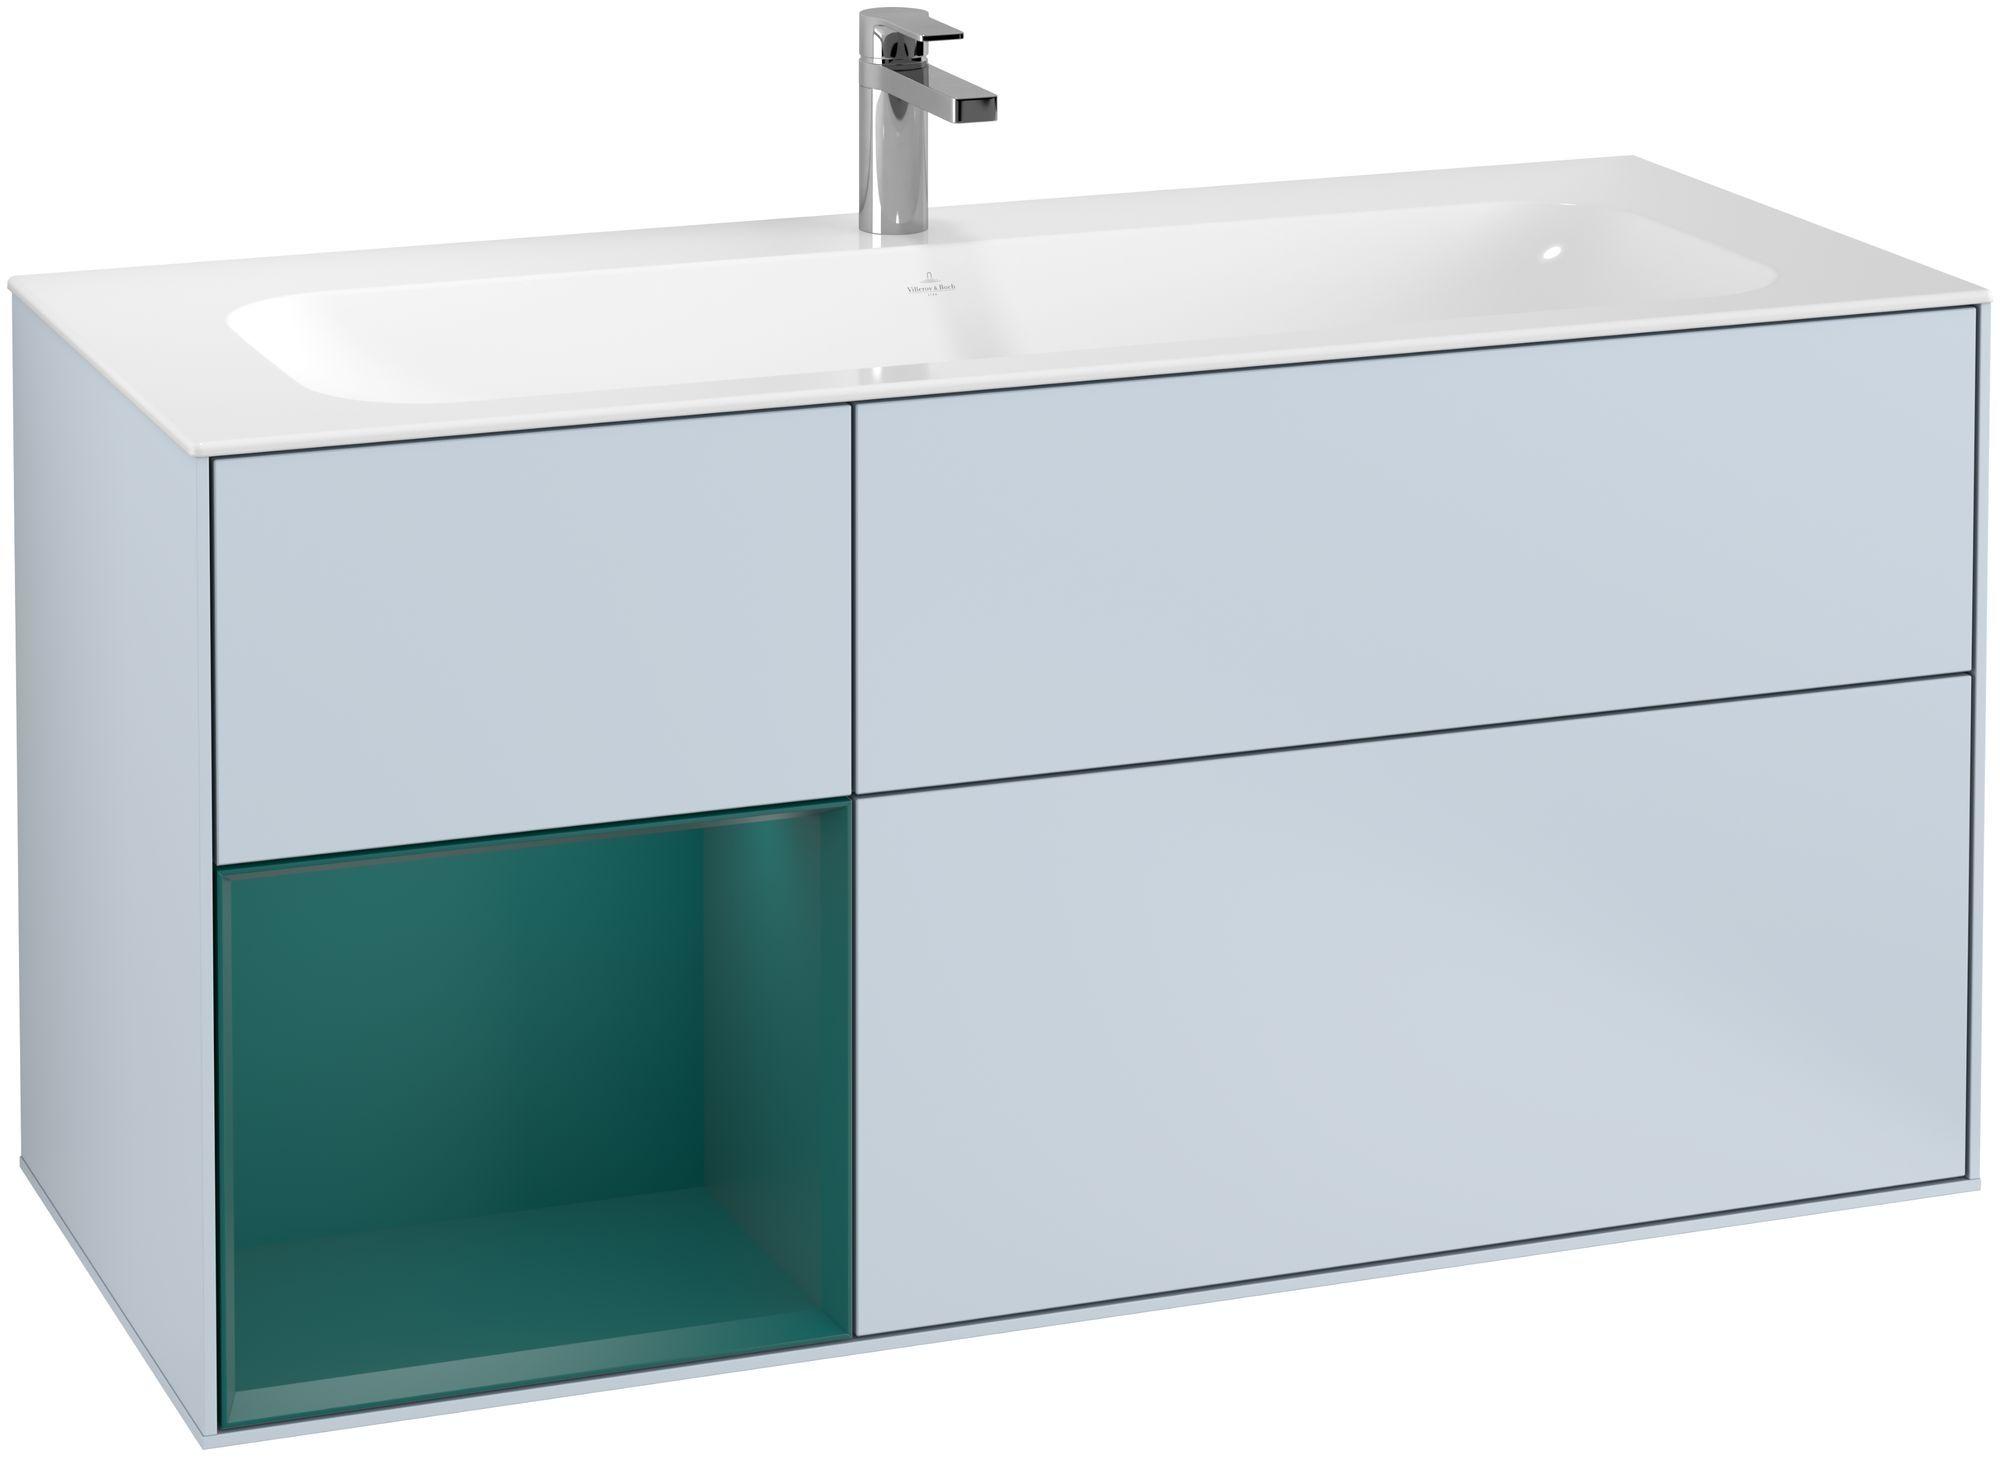 Villeroy & Boch Finion F06 Waschtischunterschrank mit Regalelement 3 Auszüge LED-Beleuchtung B:119,6xH:59,1xT:49,8cm Front, Korpus: Cloud, Regal: Cedar F060GSHA